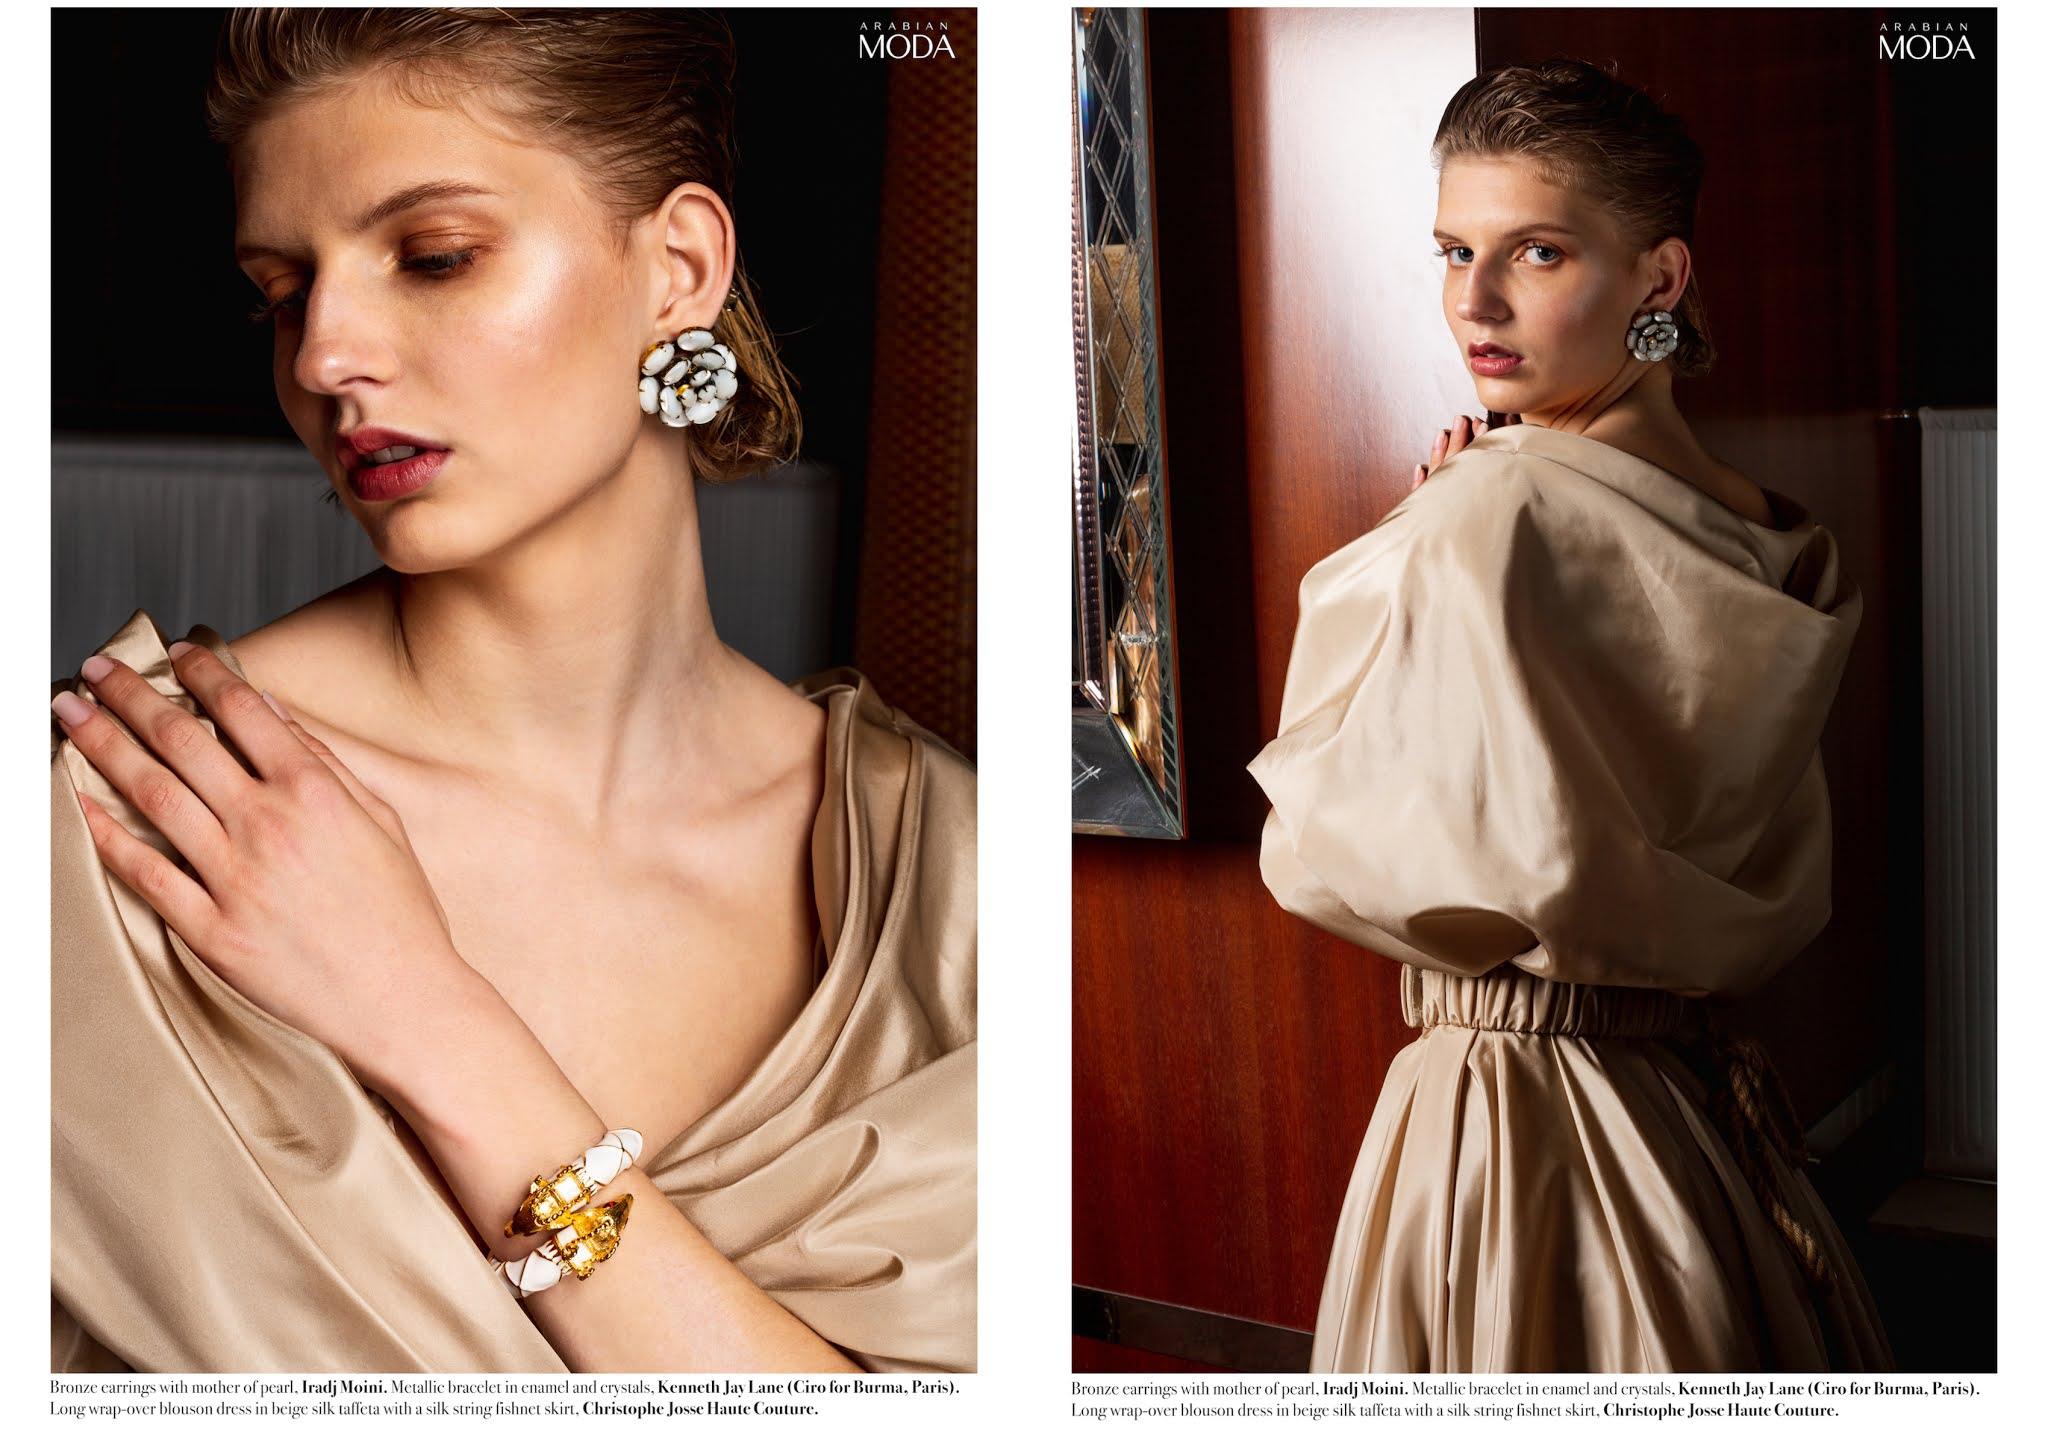 Arabian Moda x Christophe Josse-1